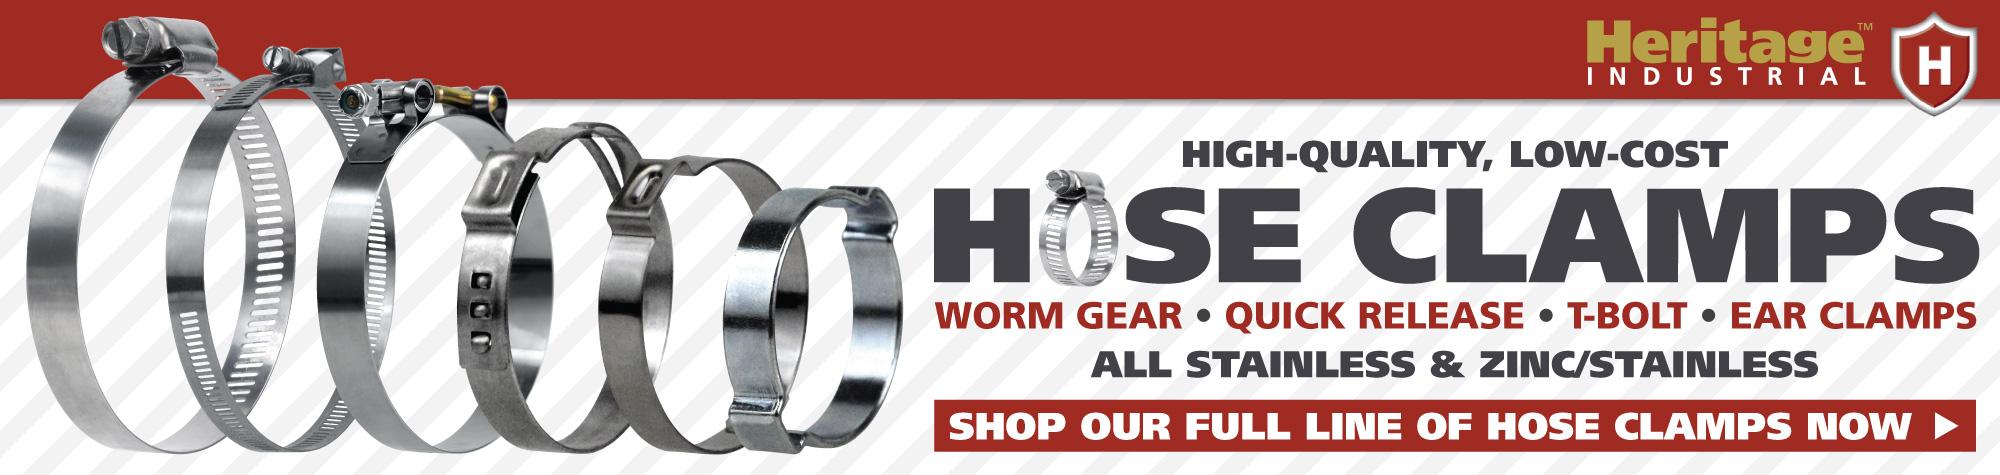 HI Hose Clamps 2021